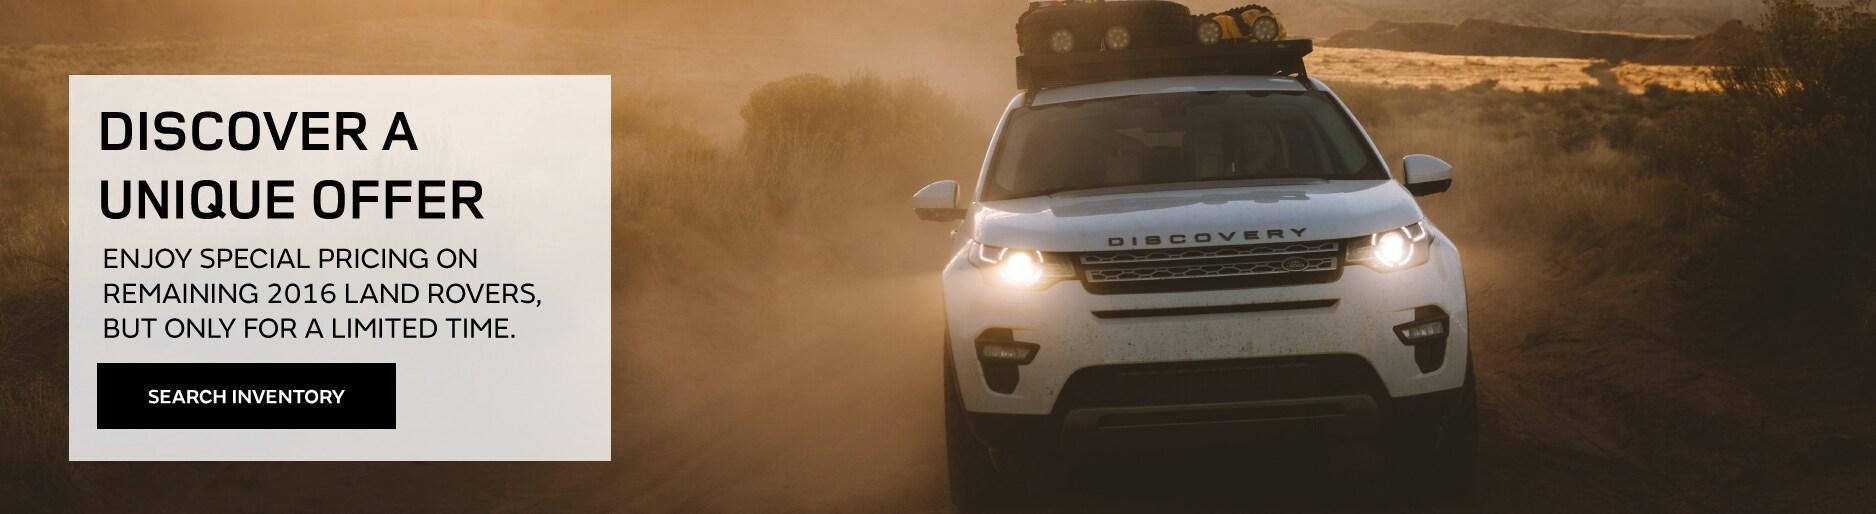 Land Rover Albany New Land Rover Dealership In Albany NY - Range rover dealer ny